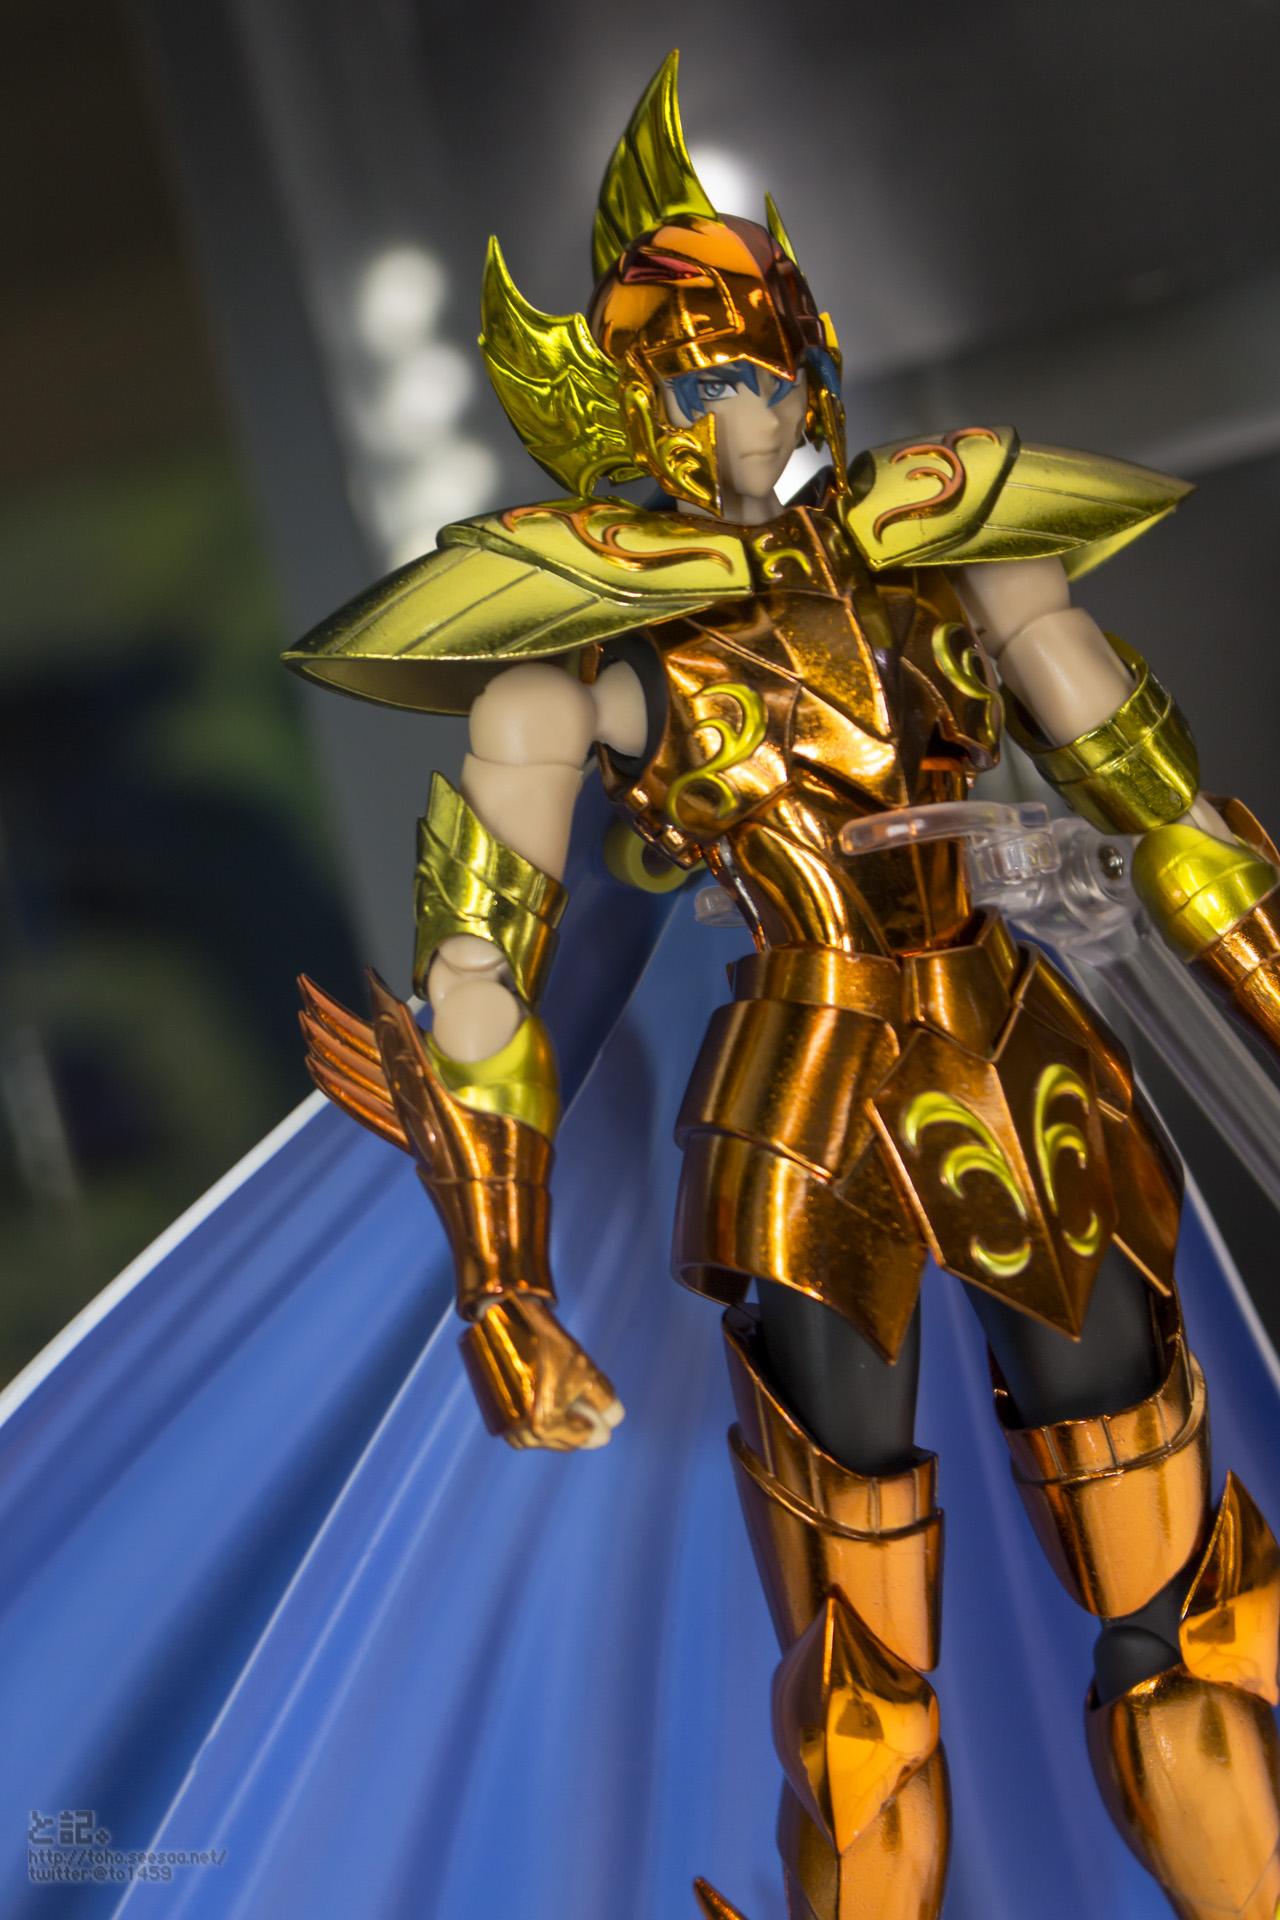 [Comentários] Saint Cloth Myth EX - Kanon de Dragão Marinho - Página 9 WH1Dcrwd